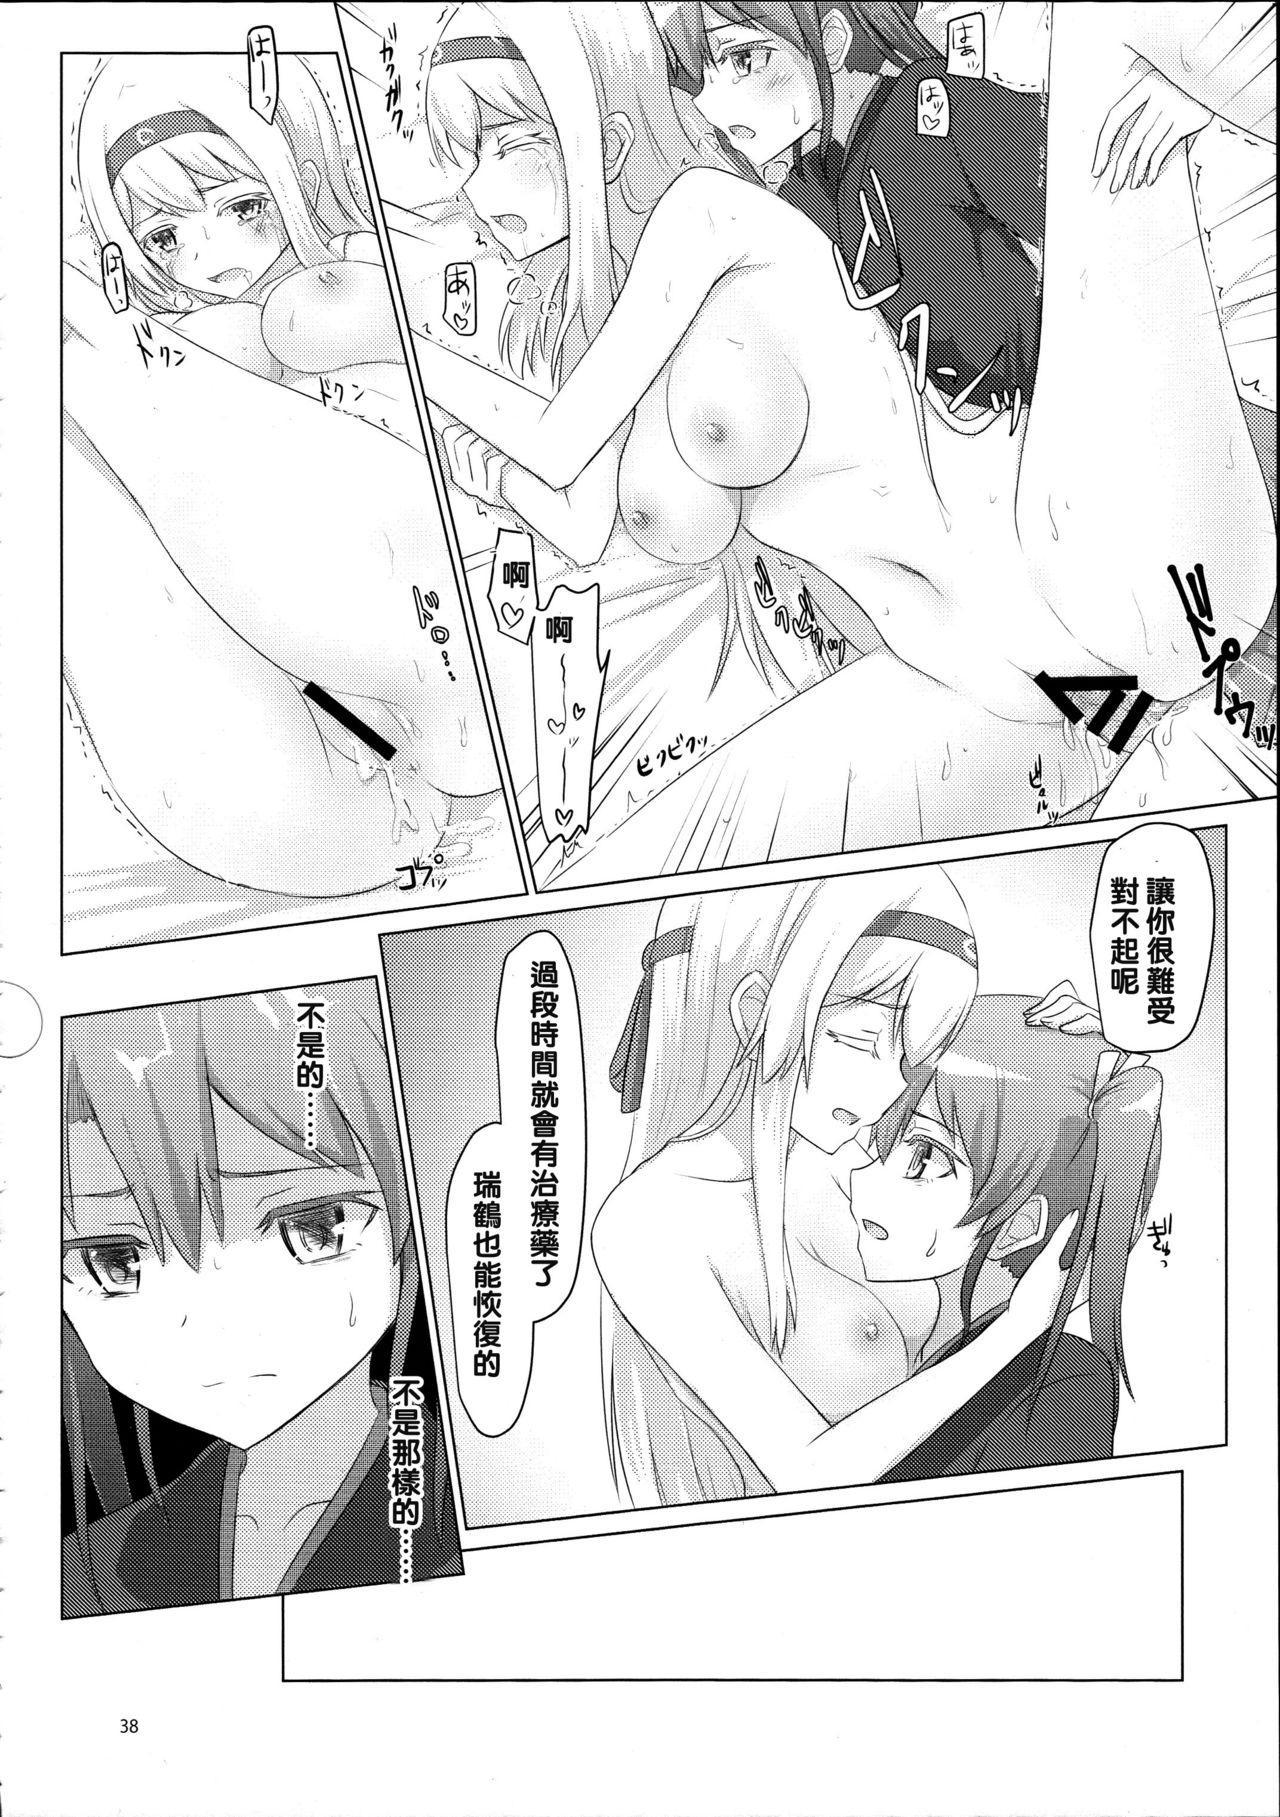 Shoukaku-nee ga Kanmusu o Ian suru Hanashi 37